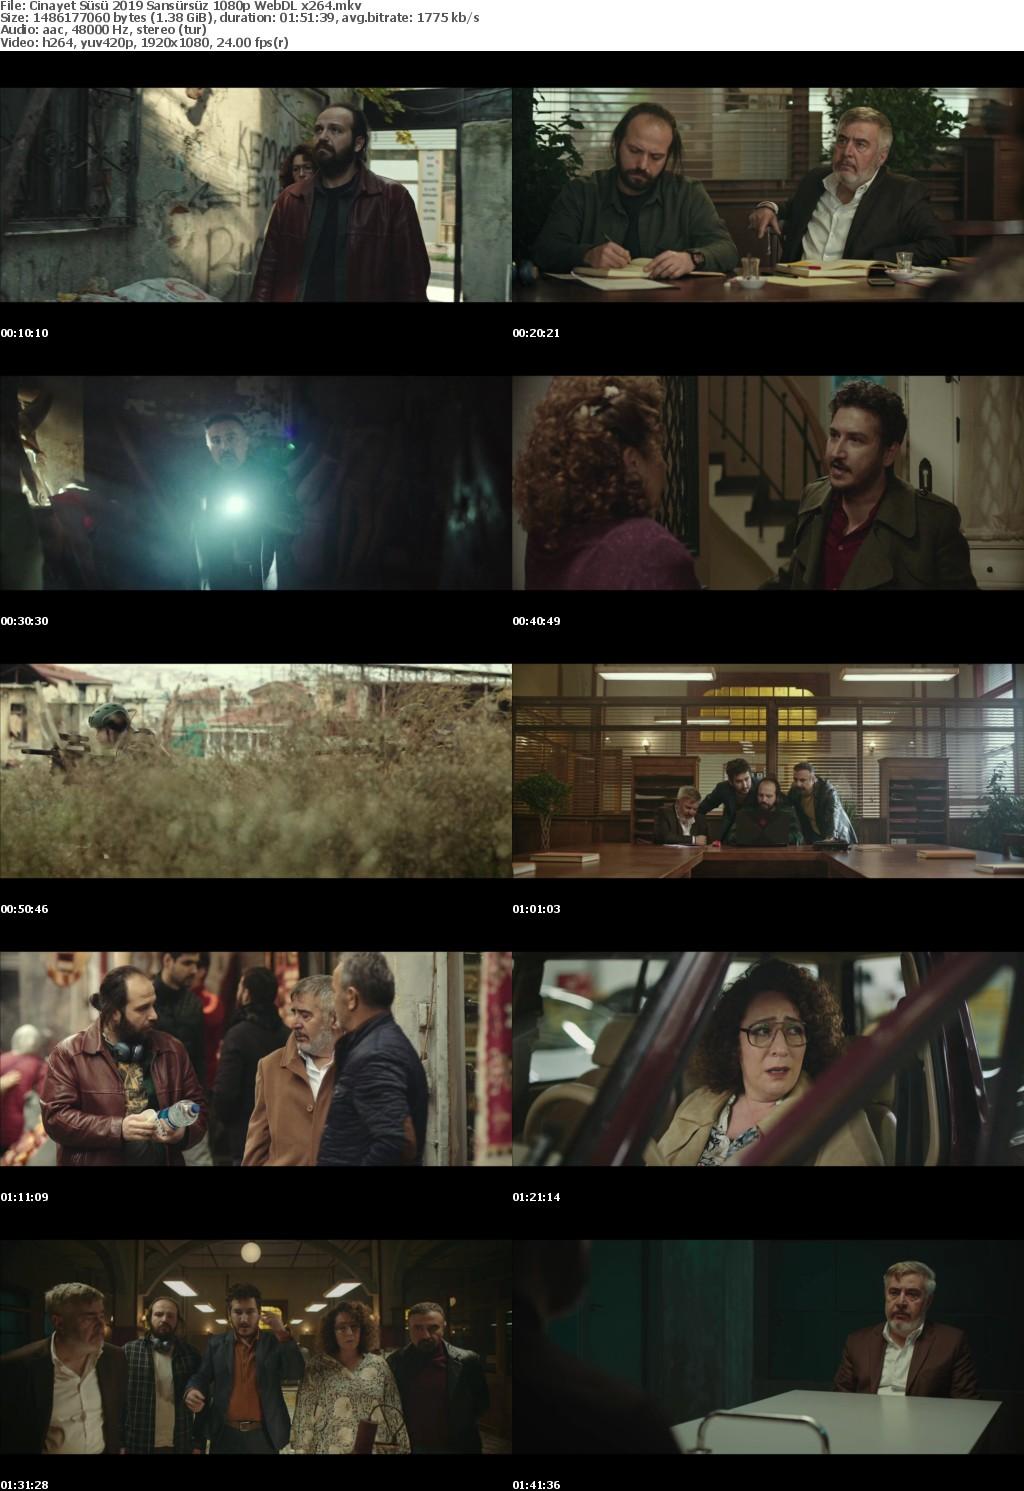 Cinayet Susu 2019 Sansursuz 1080p WebDL x264